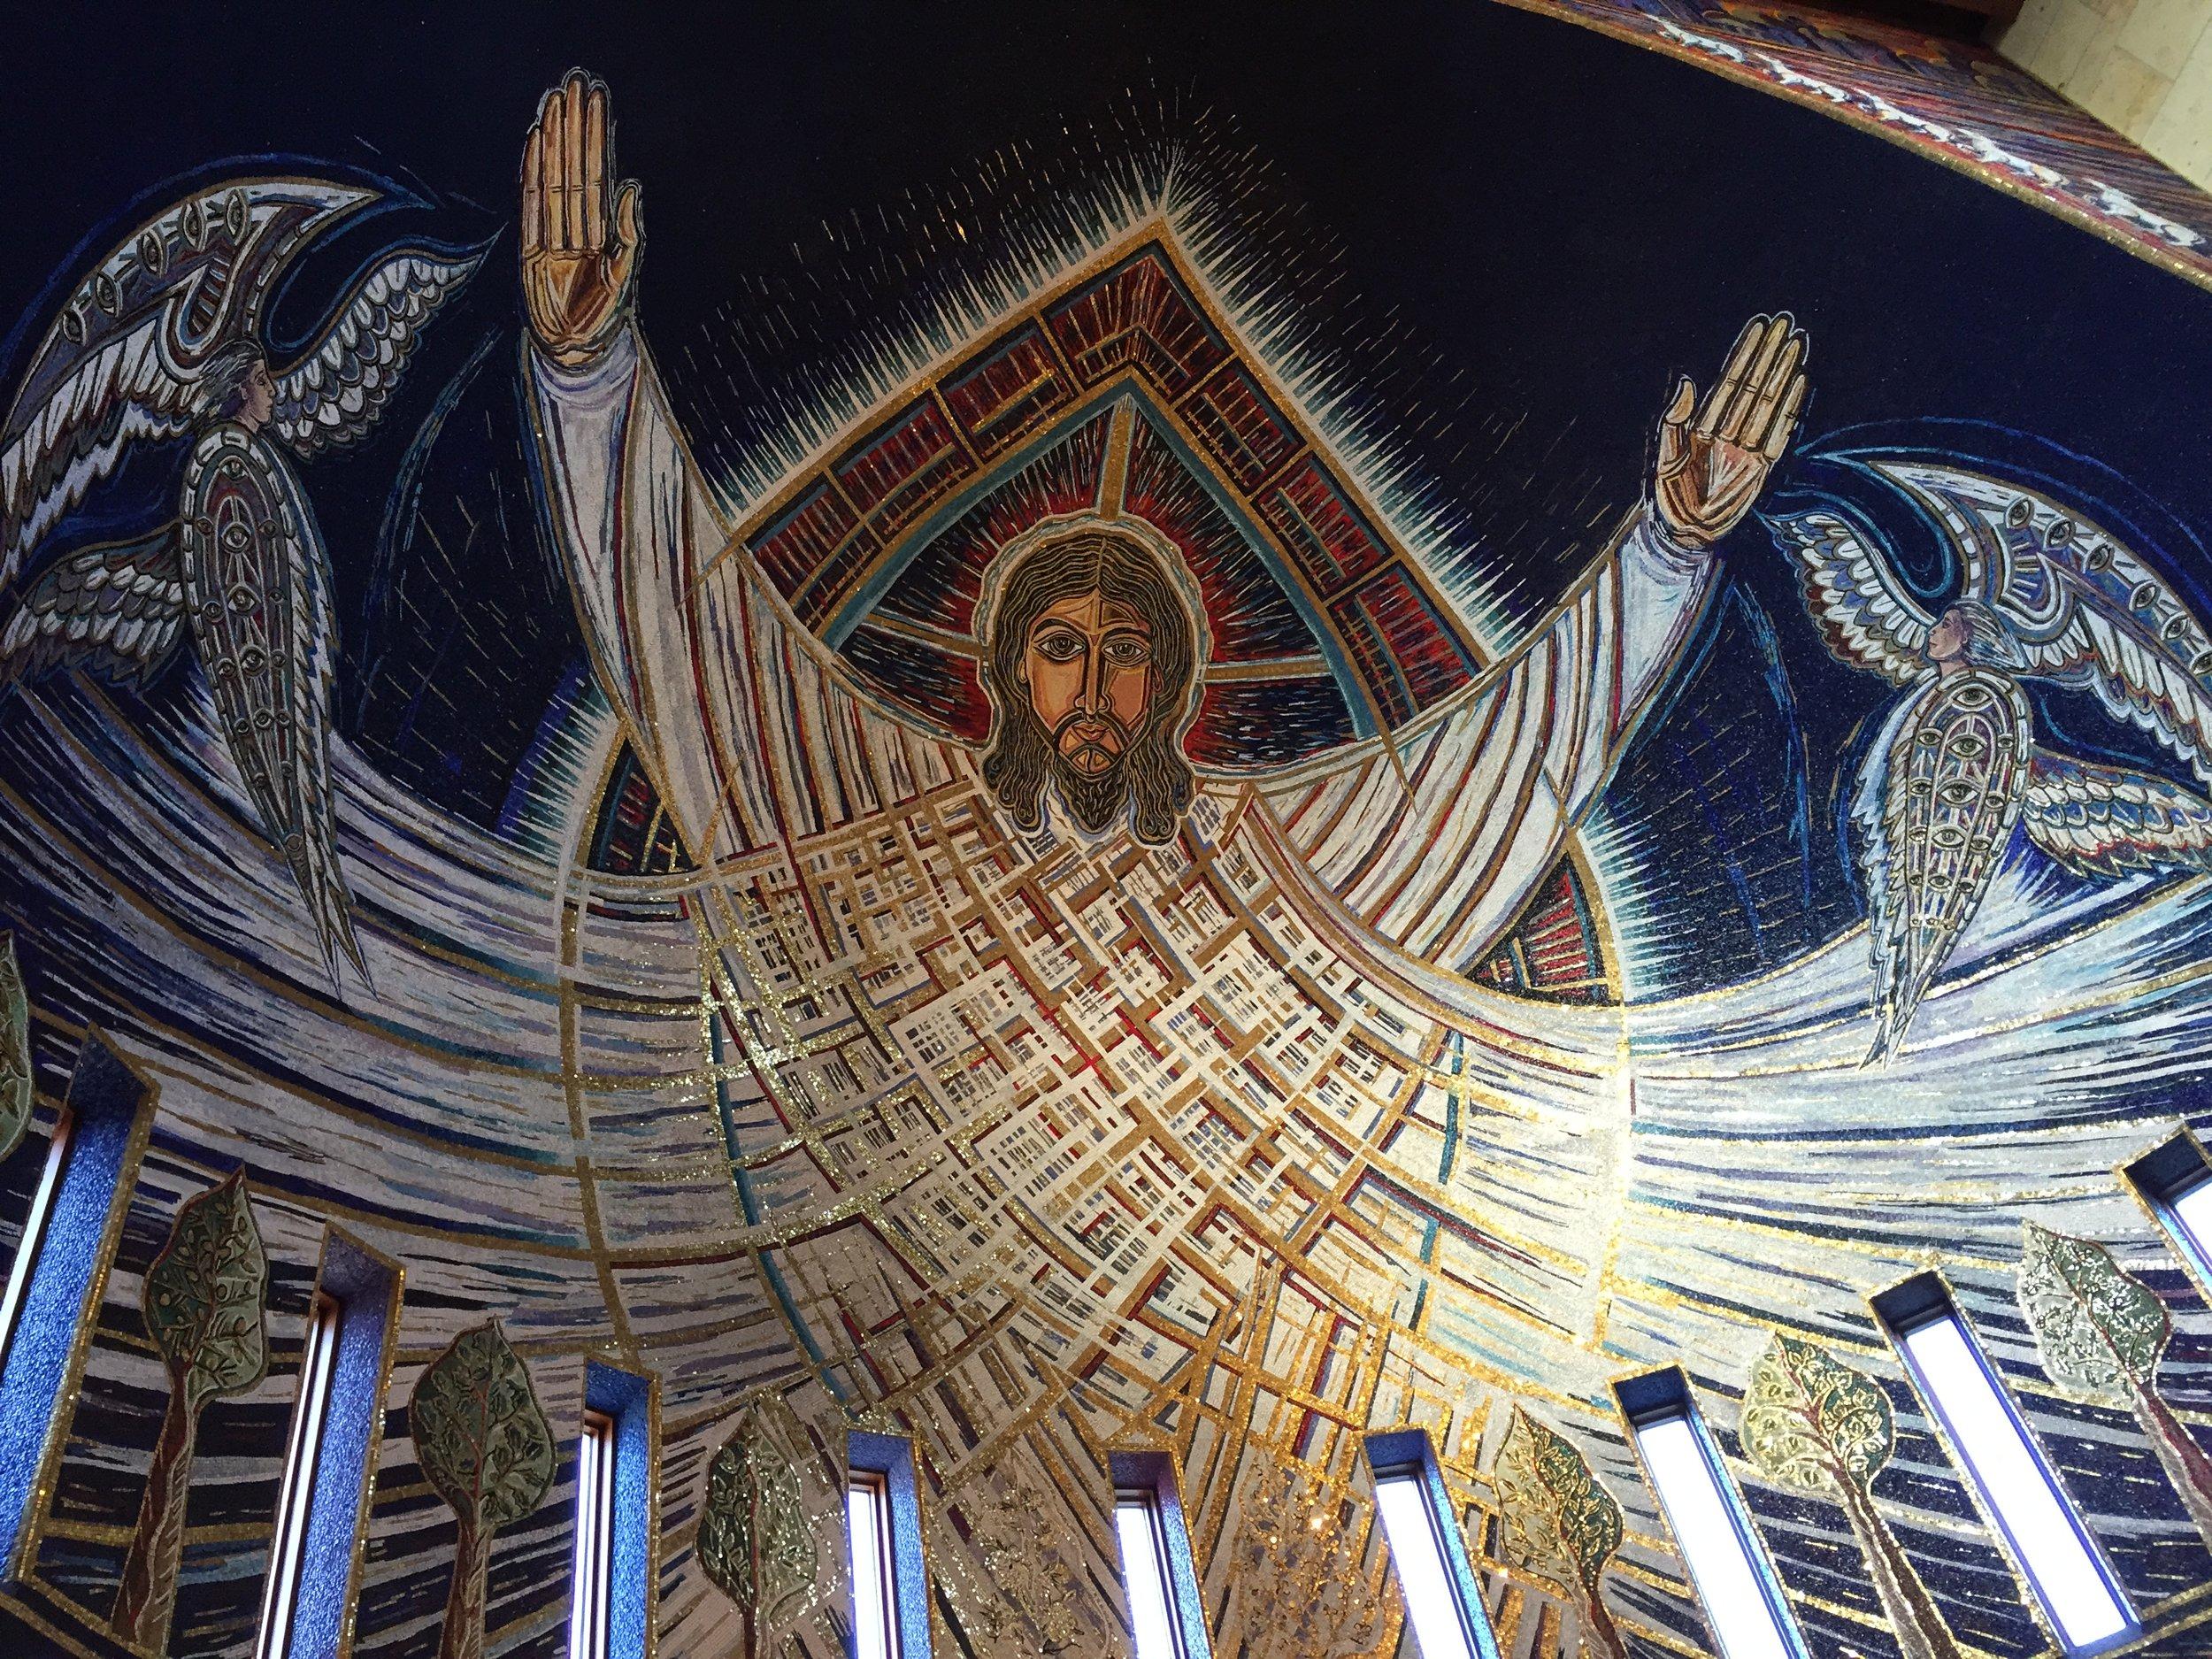 Church of the Transfiguration  - Cape Cod